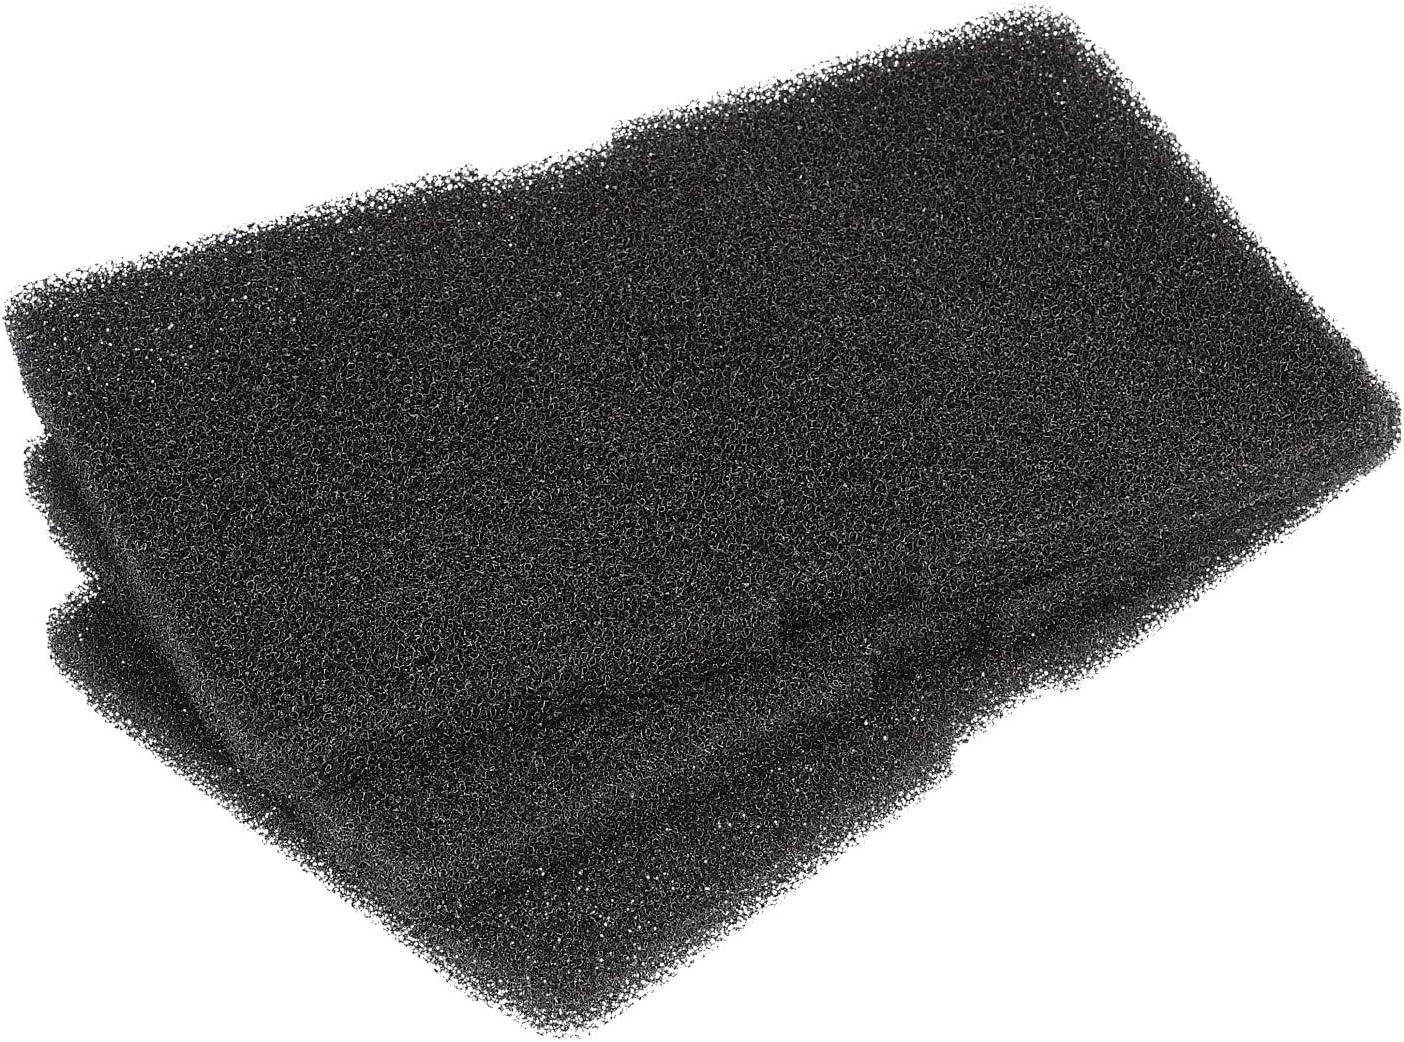 3x filtro para secadora de ropa Beko 2964840100 filtro base 240x155mm